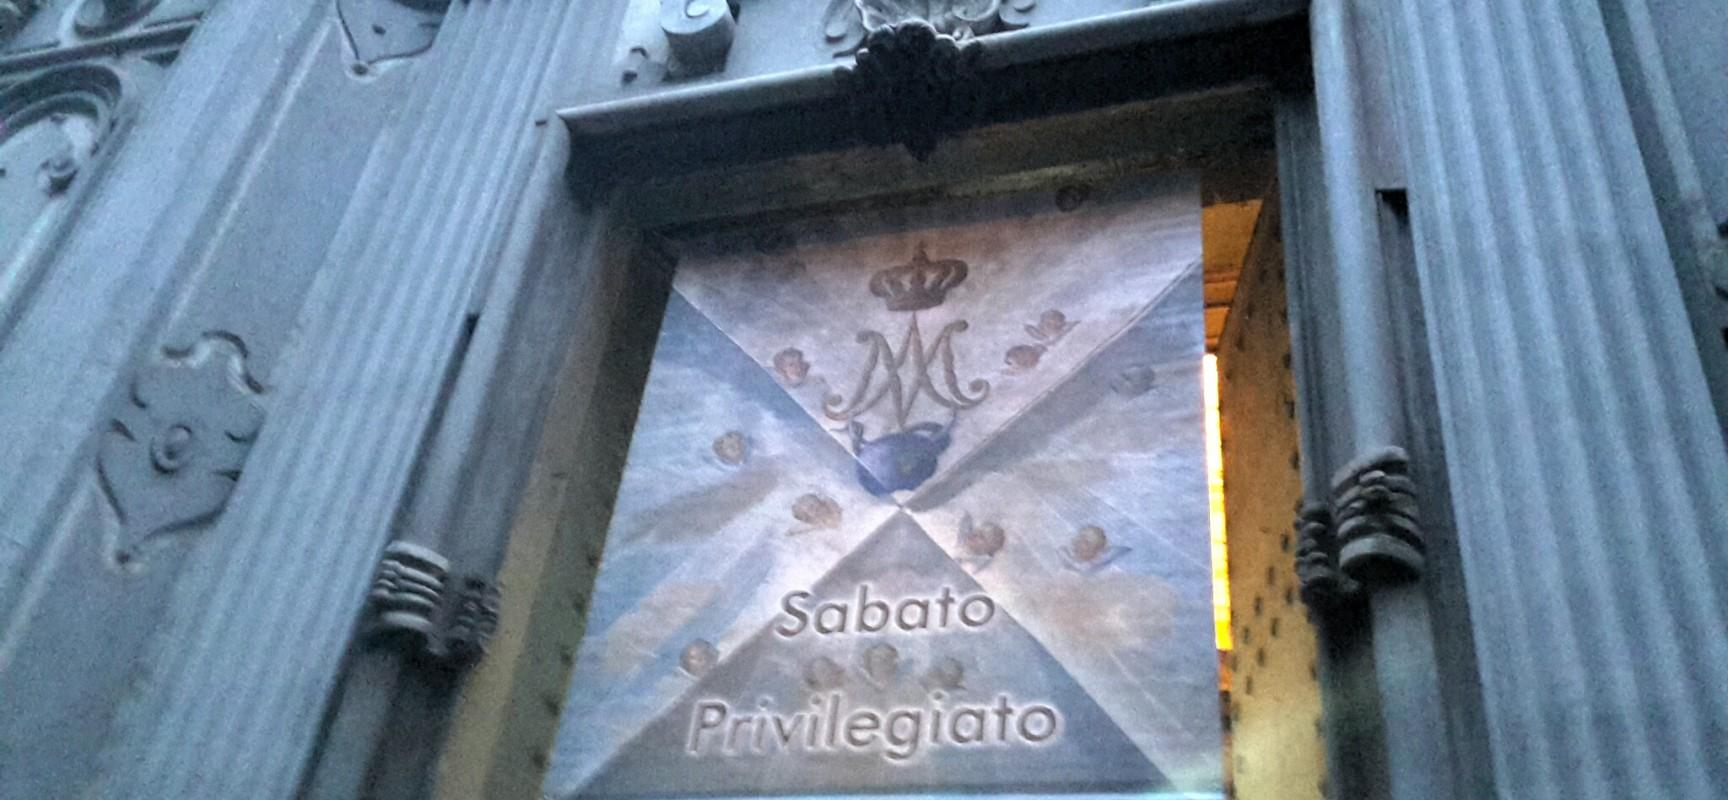 Gesù Vecchio la chiesa del sabato privilegiato